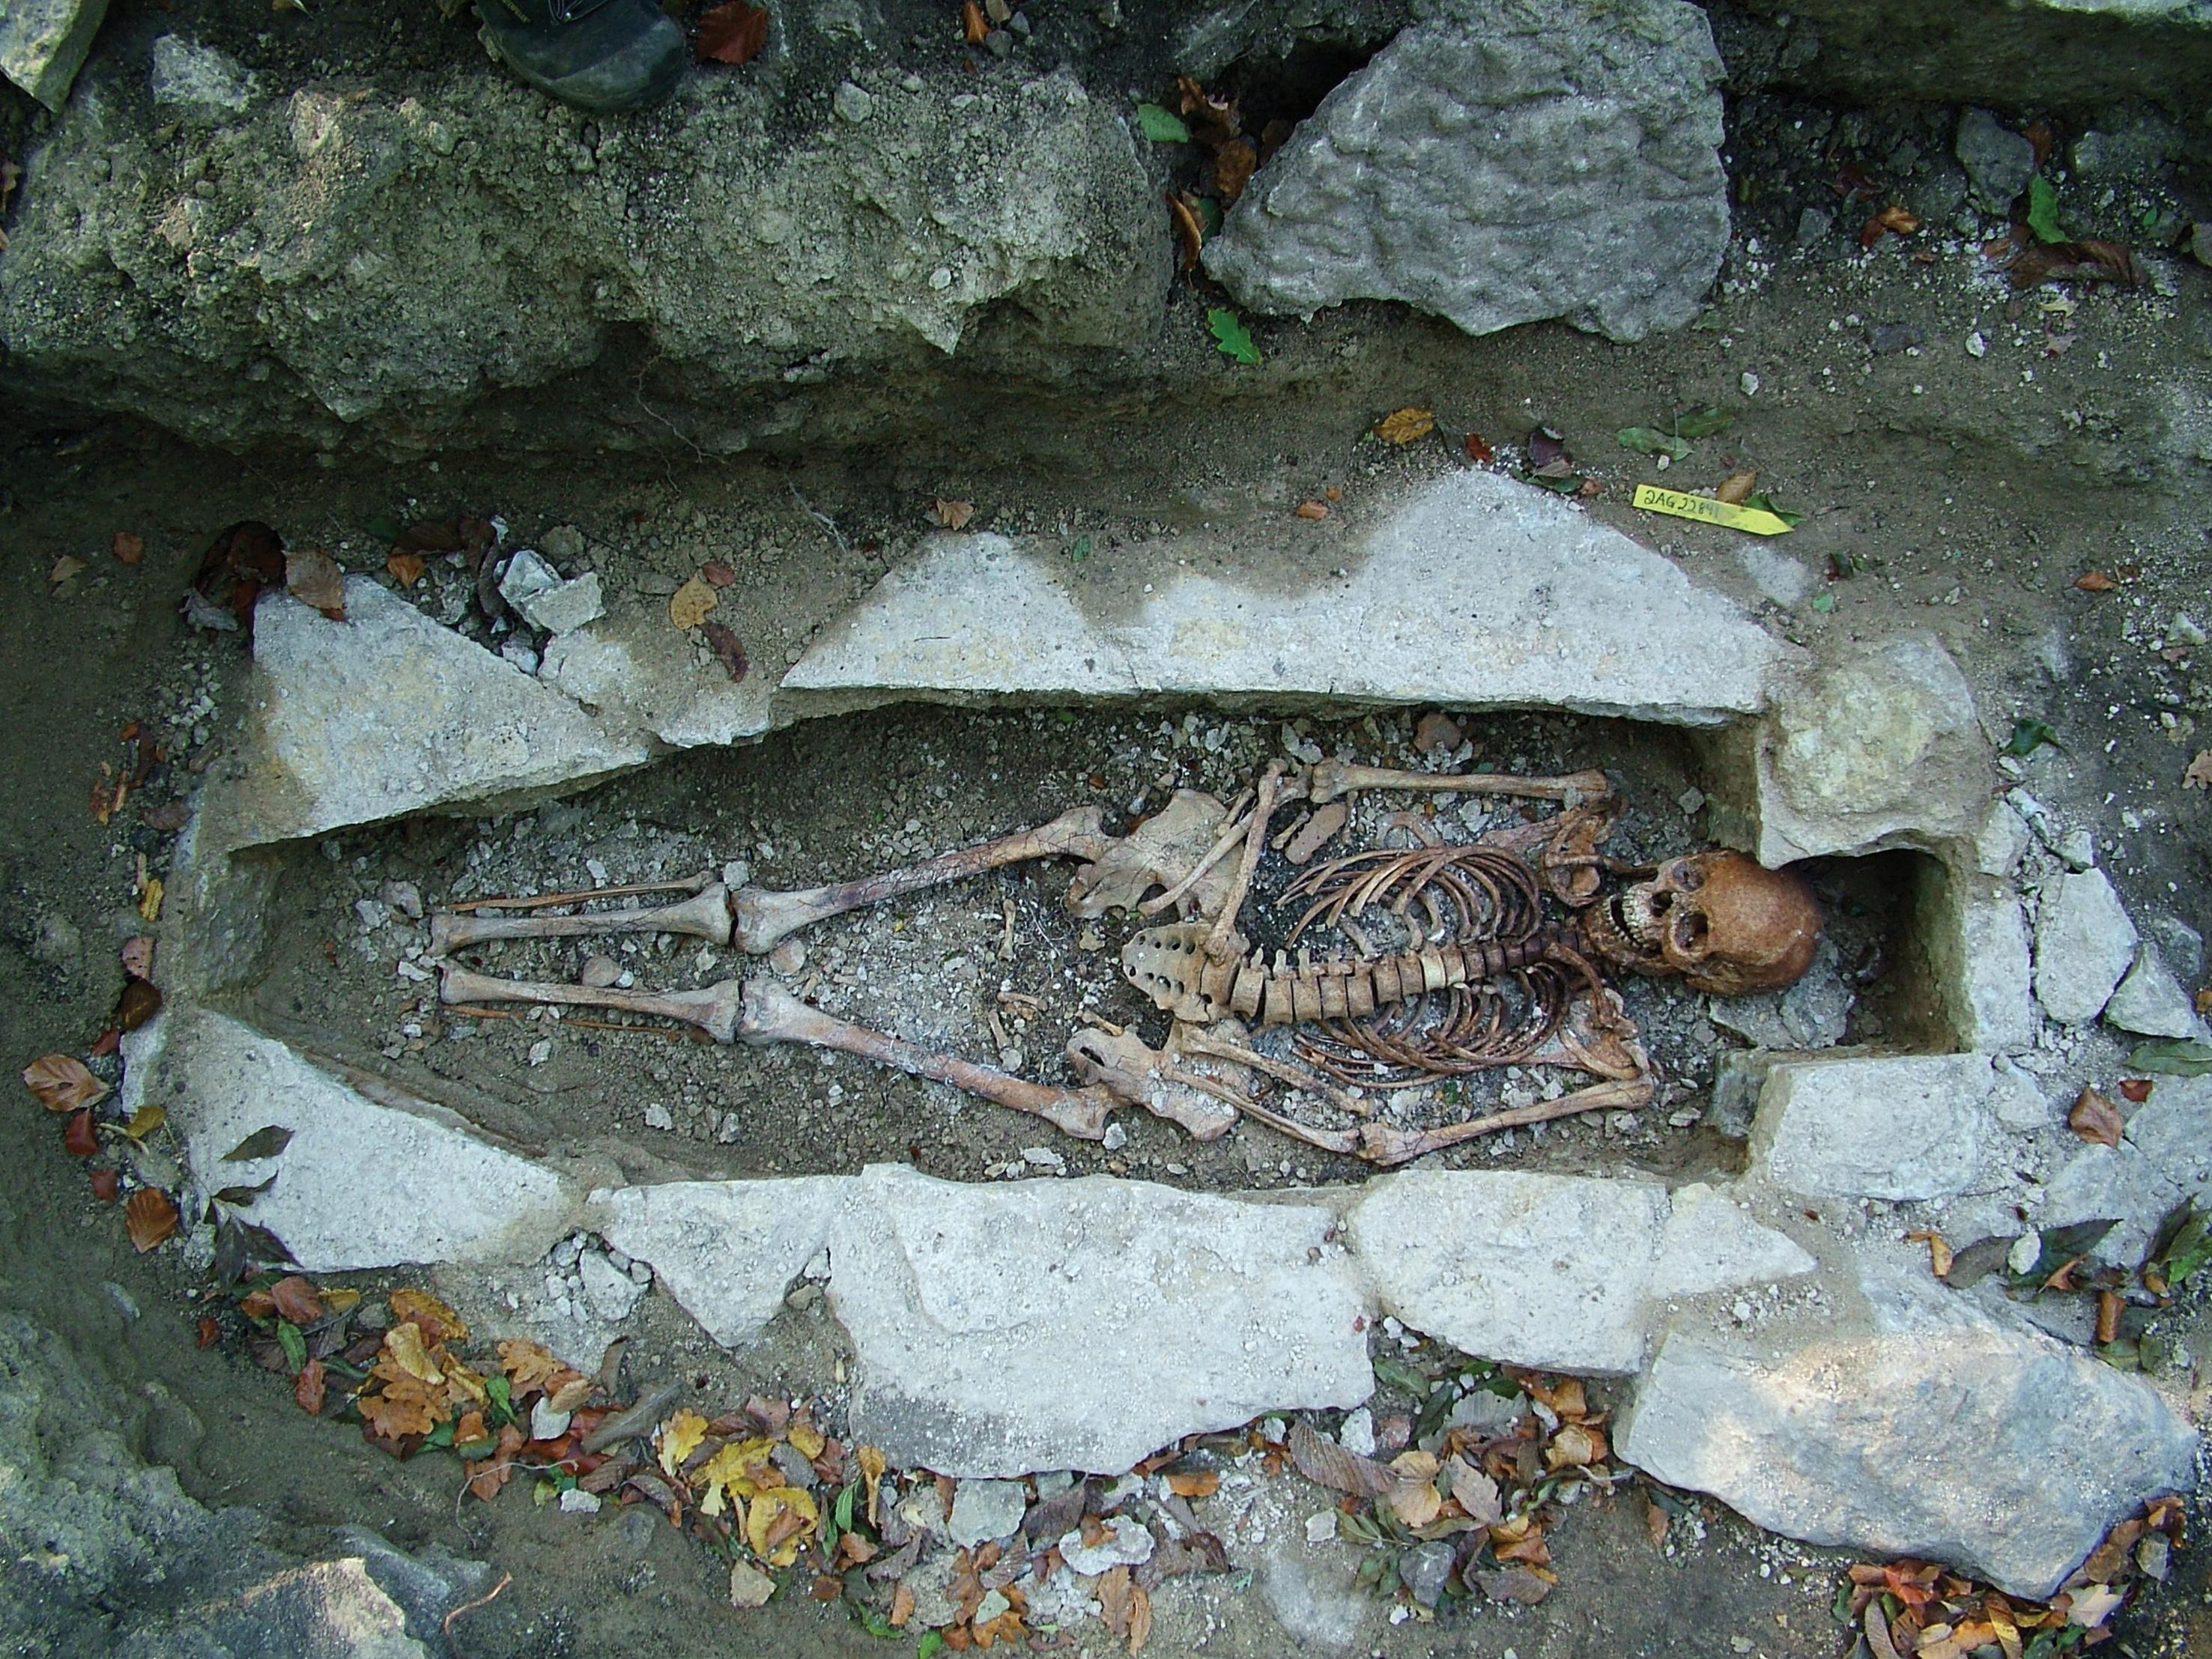 Vikingegrav med menneskeknogler i.